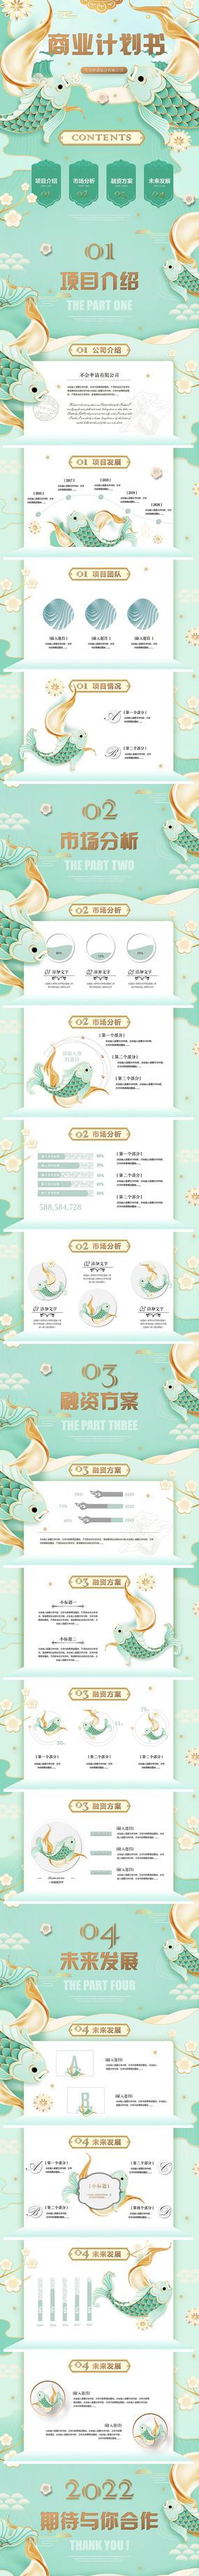 清新锦鲤国潮中国风商业项目计划书PPT